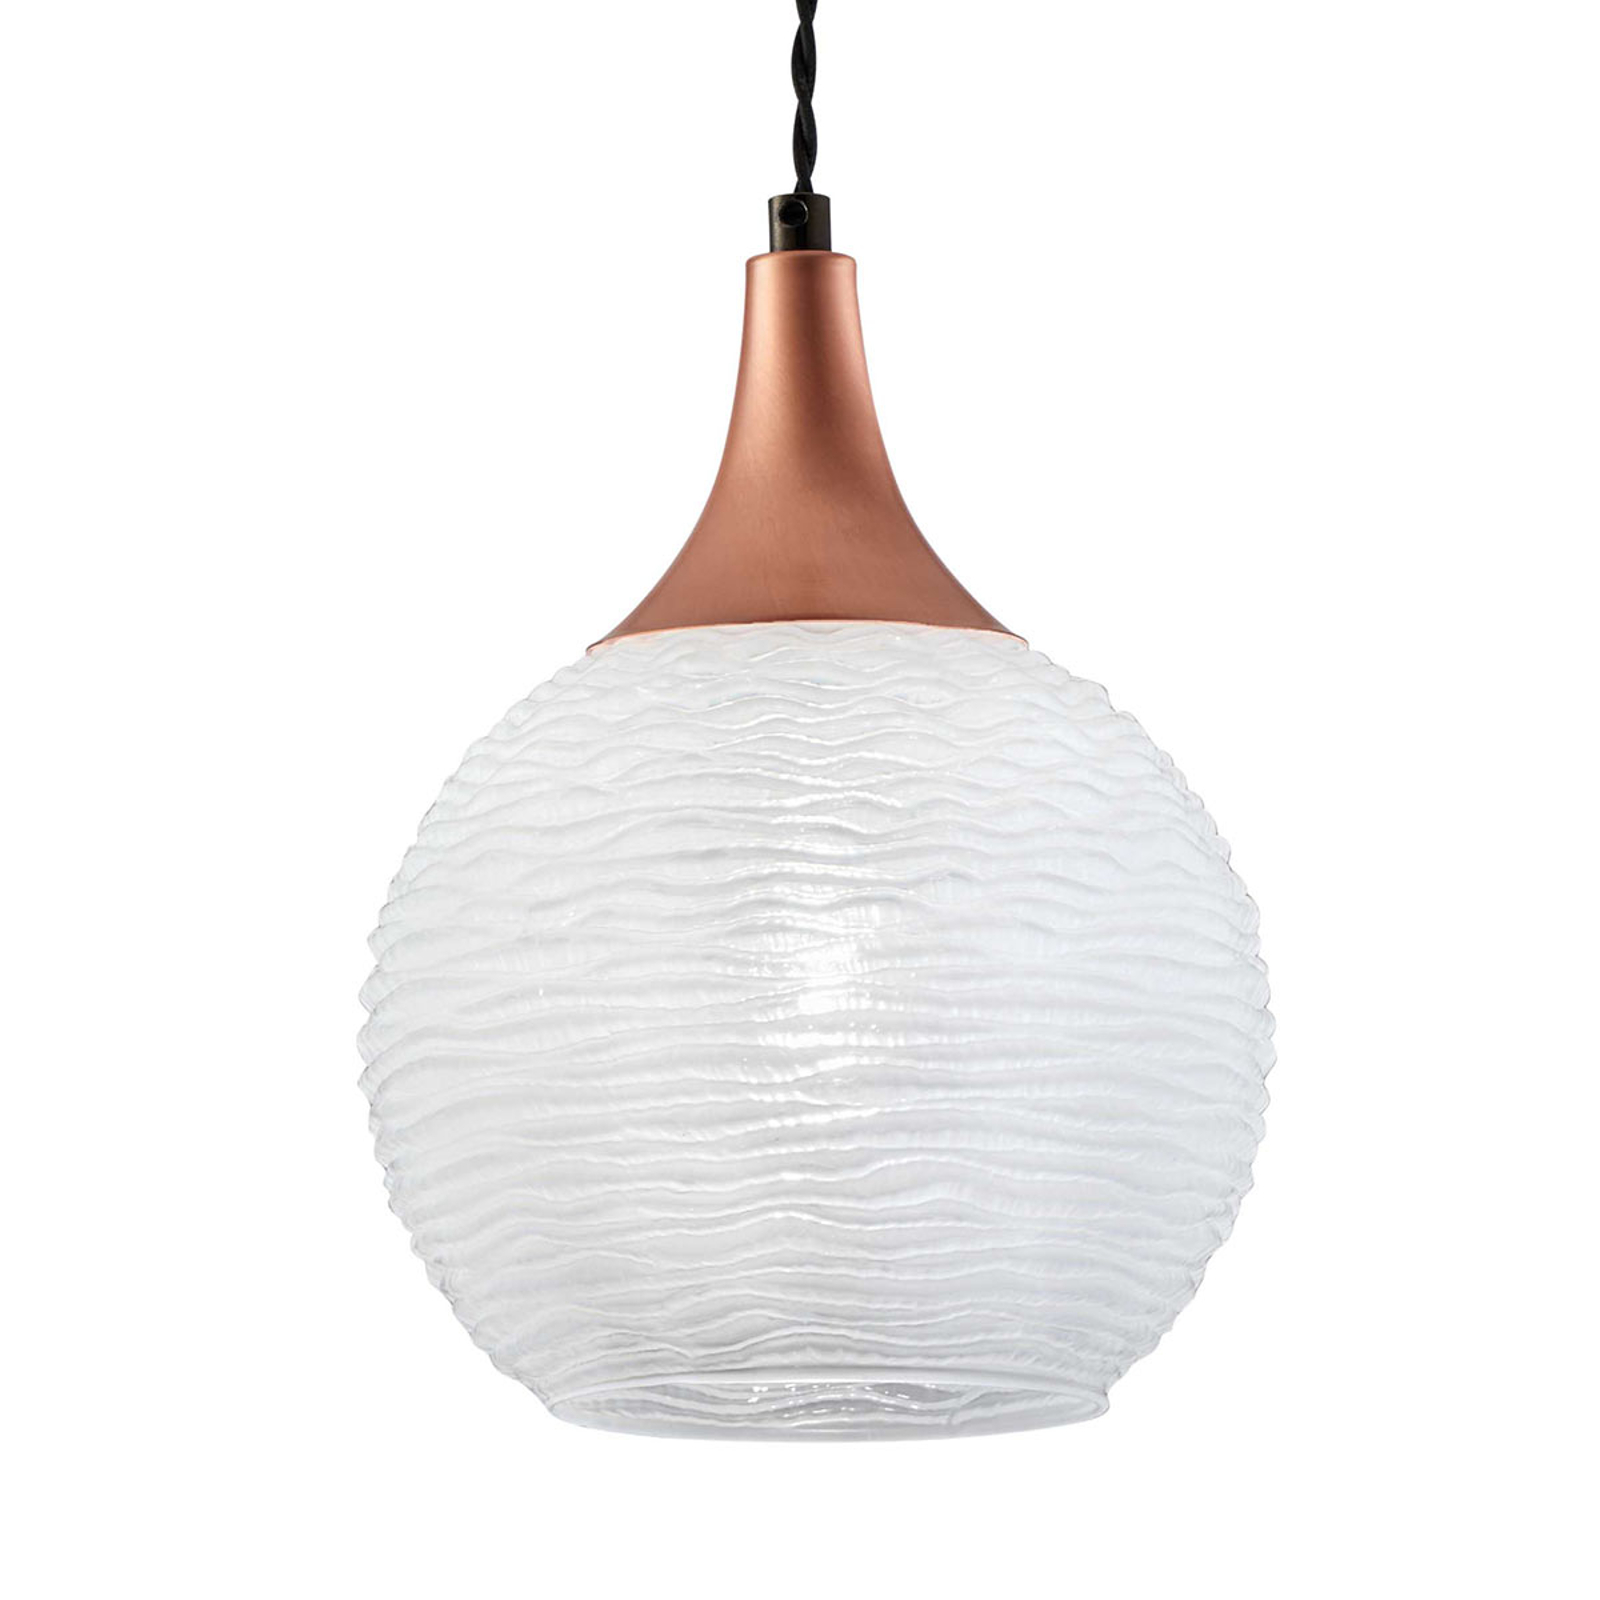 Biała szklana lampa wisząca Fiona, 1-punktowa